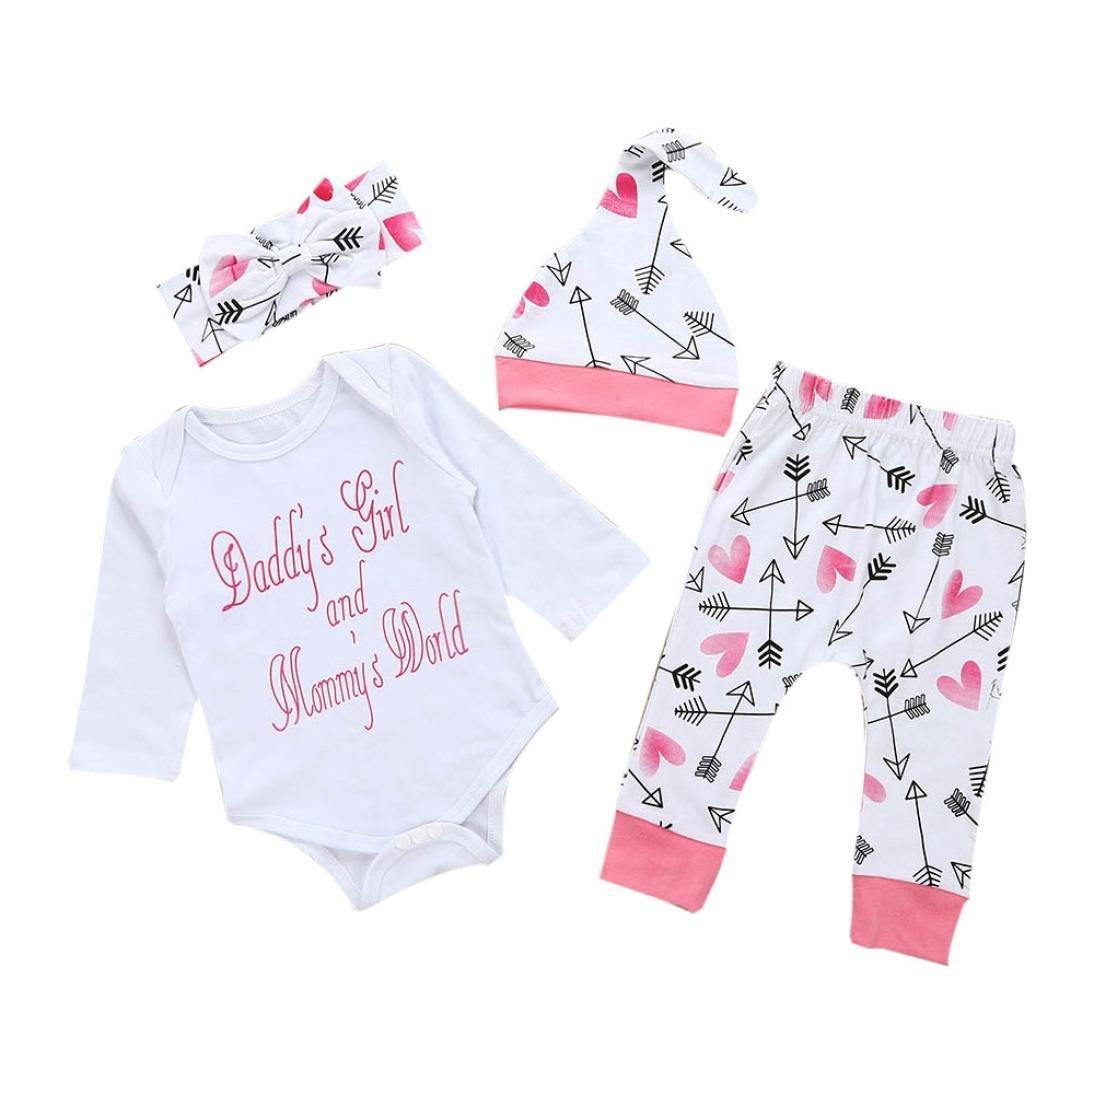 🌺 Ropa de Bebe Barato, 🍬 Zolimx Recién Nacido Bebé Florales Rayas Impresión Mameluco Jumpsuit Tops + Pantalones Largos + Sombrero + Diadema Conjuntos ...